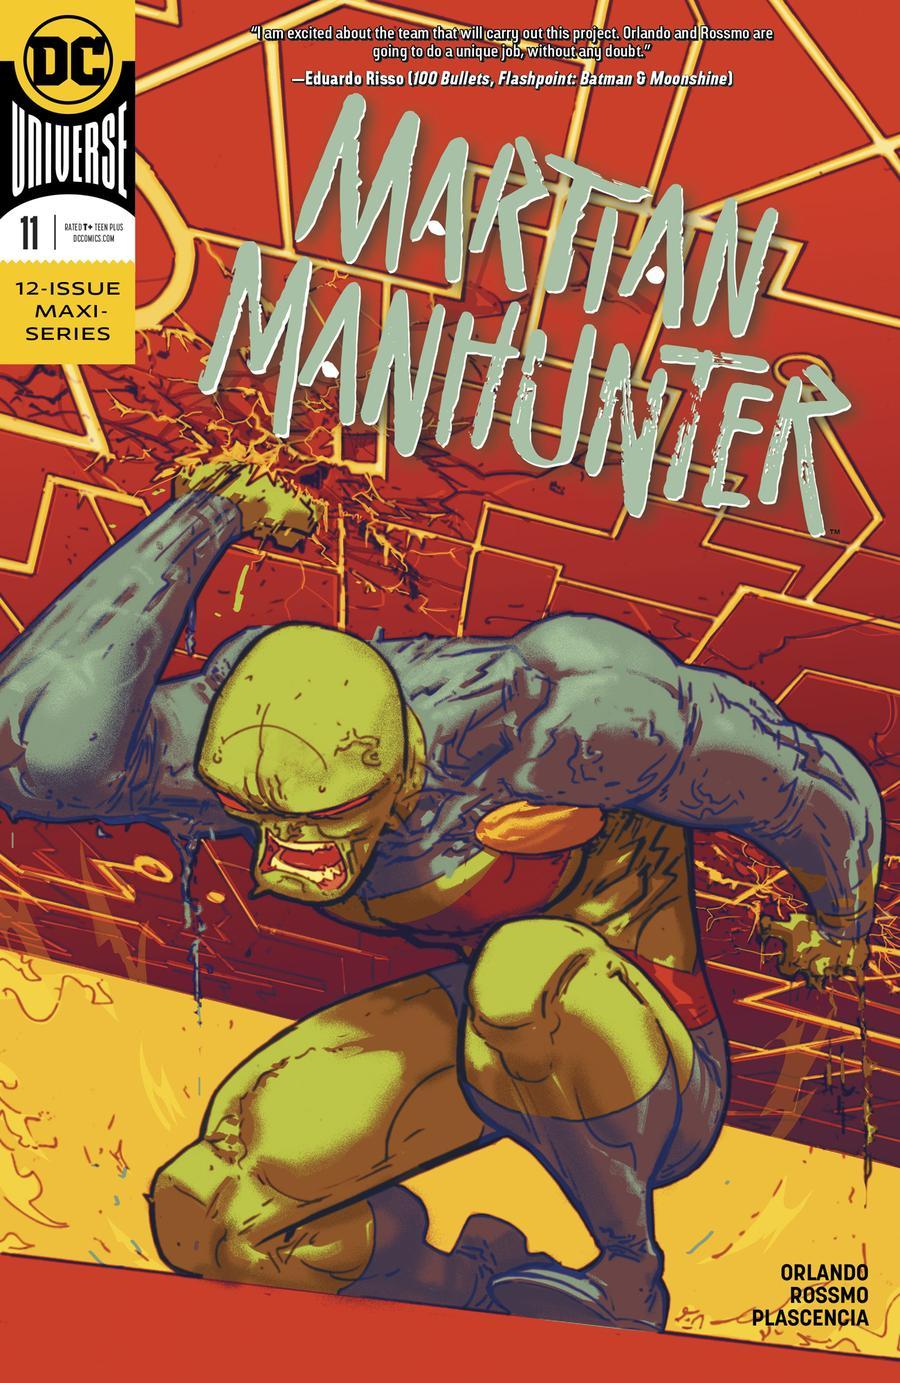 Martian Manhunter Vol 5 #11 Cover A Regular Riley Rossmo Cover